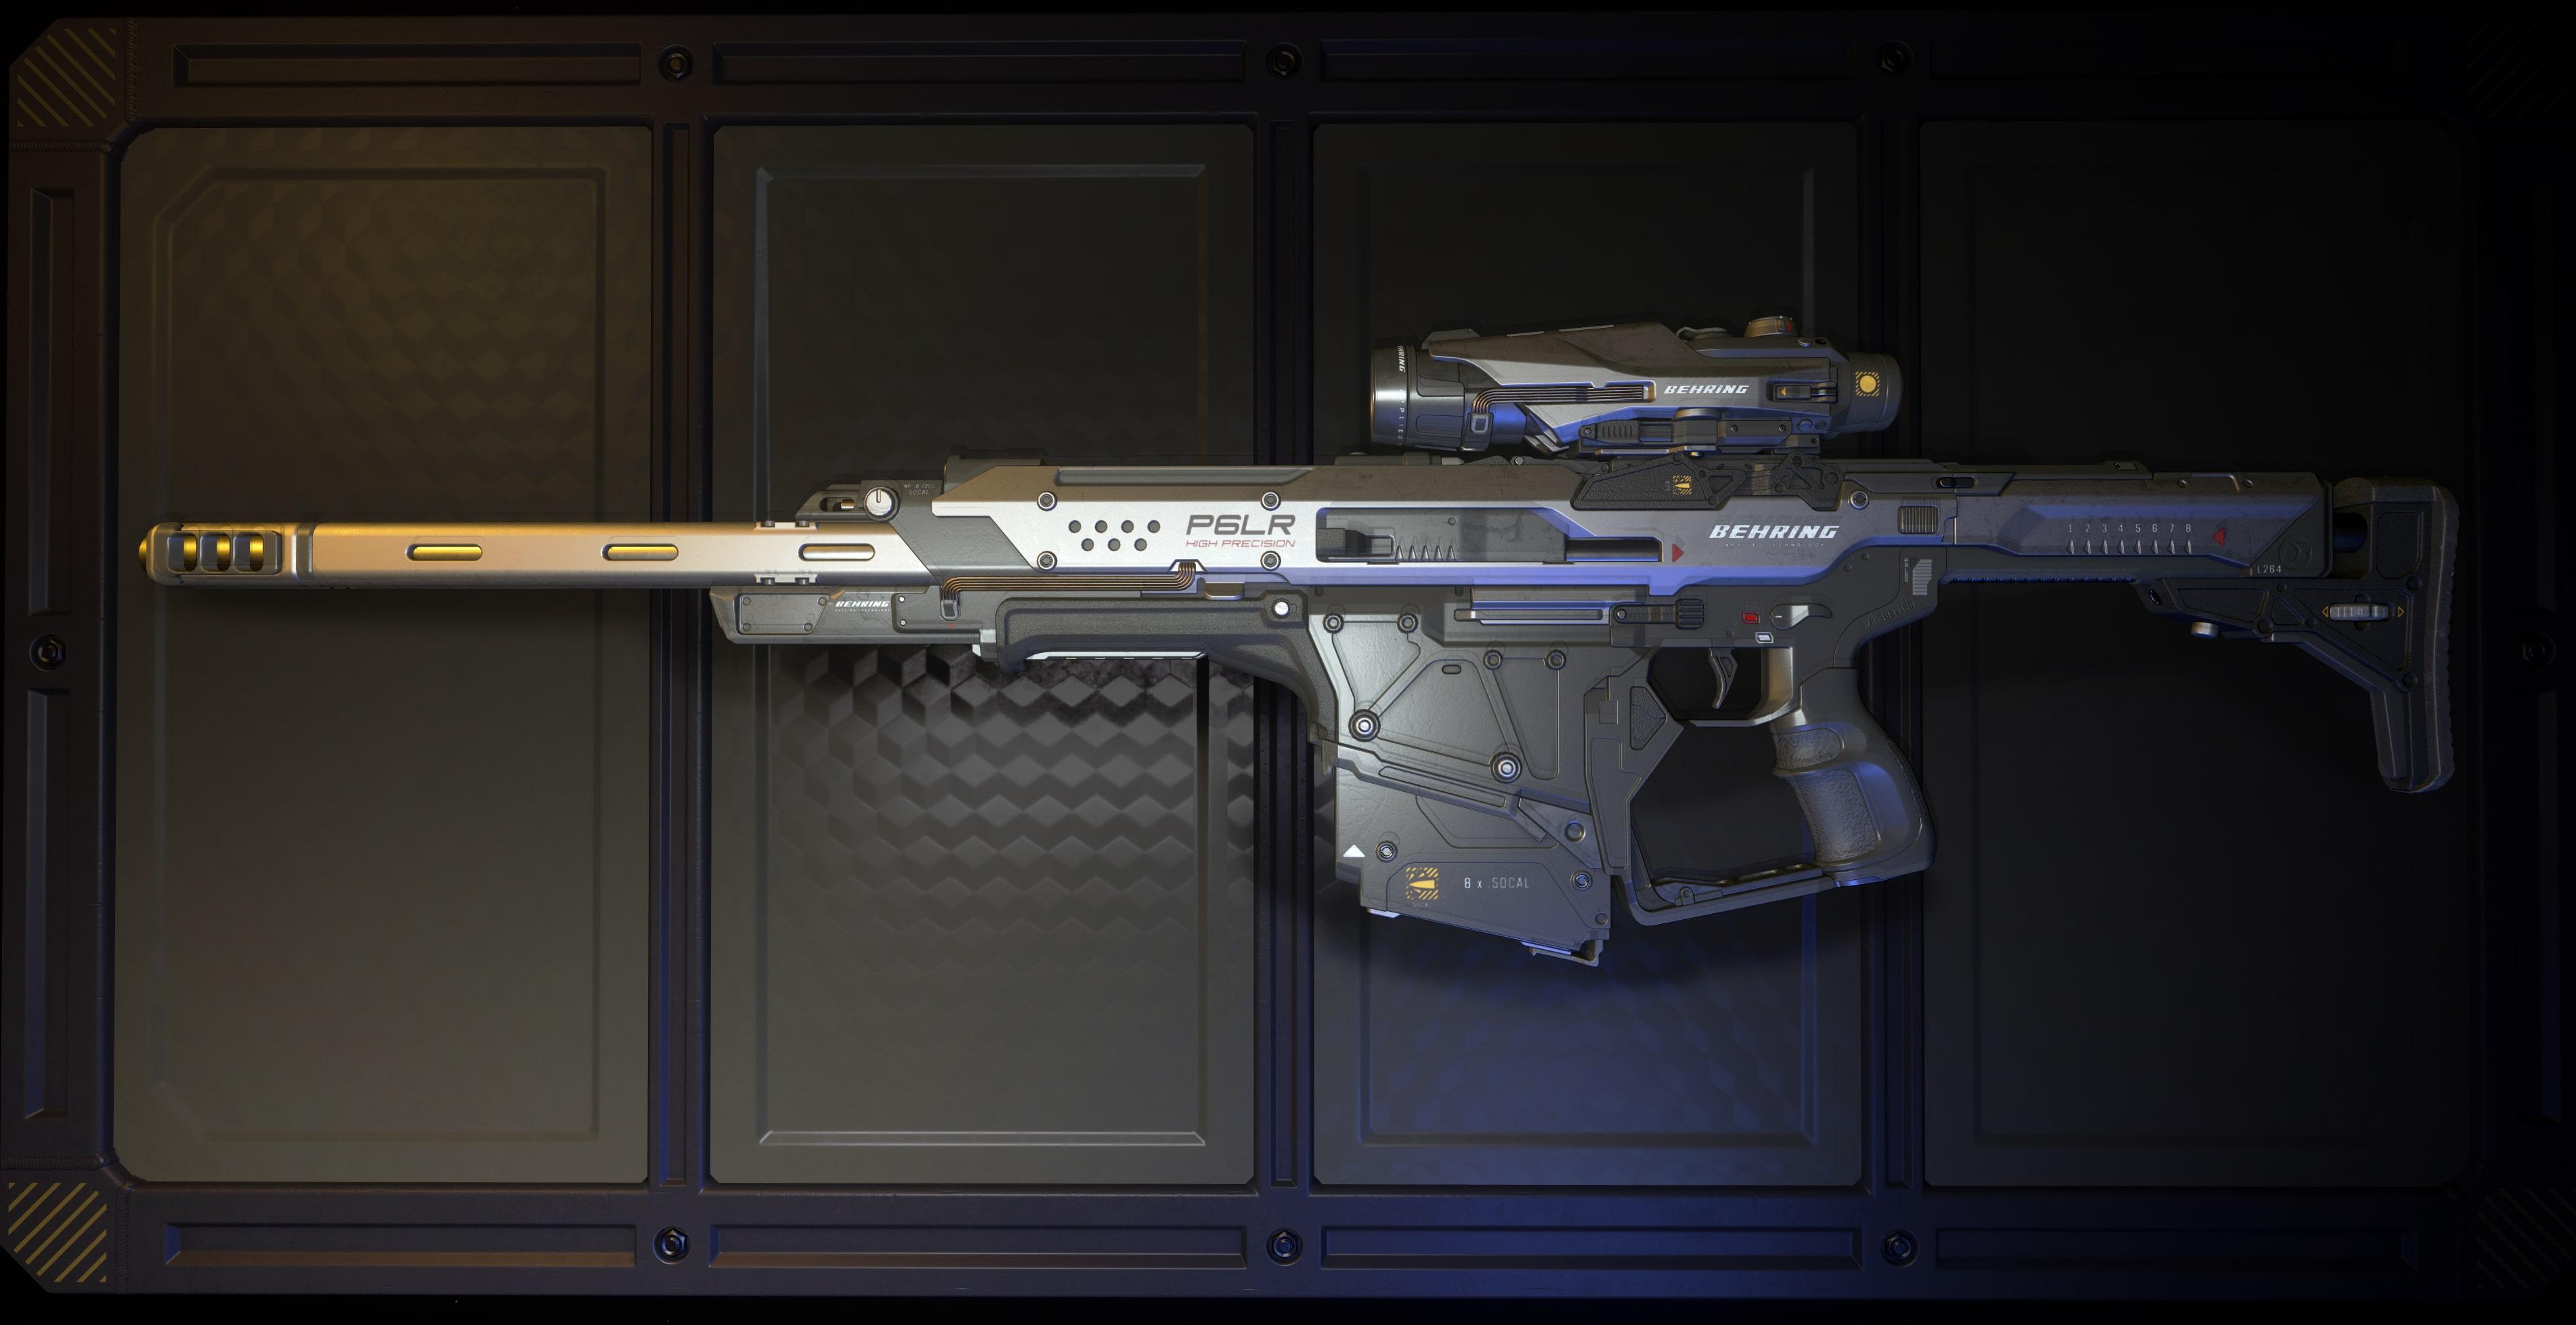 SniperShot_002_16_Dec_19-Min